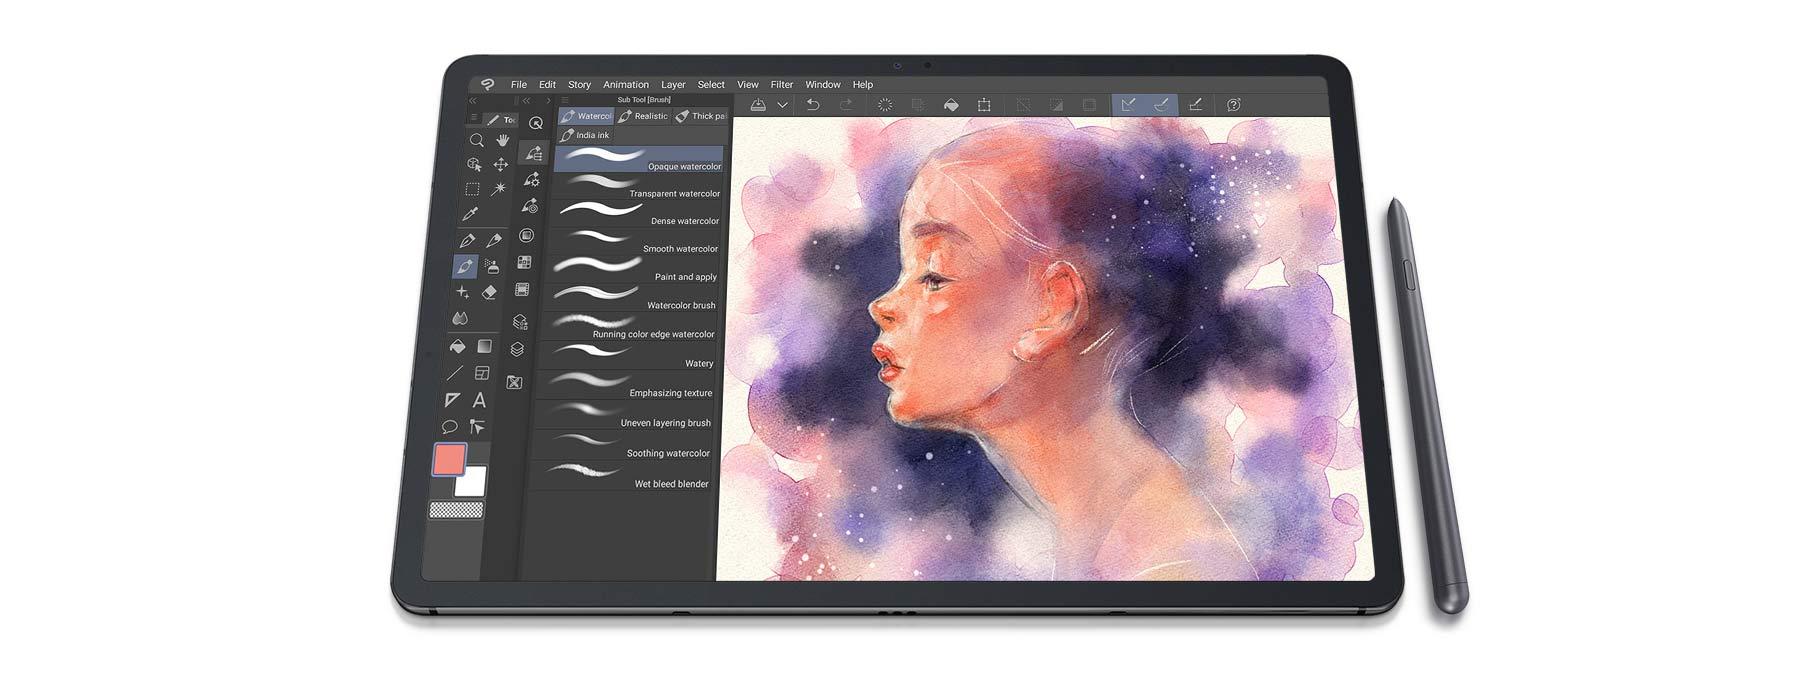 قلم S Pen در تبلیت سامسونگ +Galaxy S7